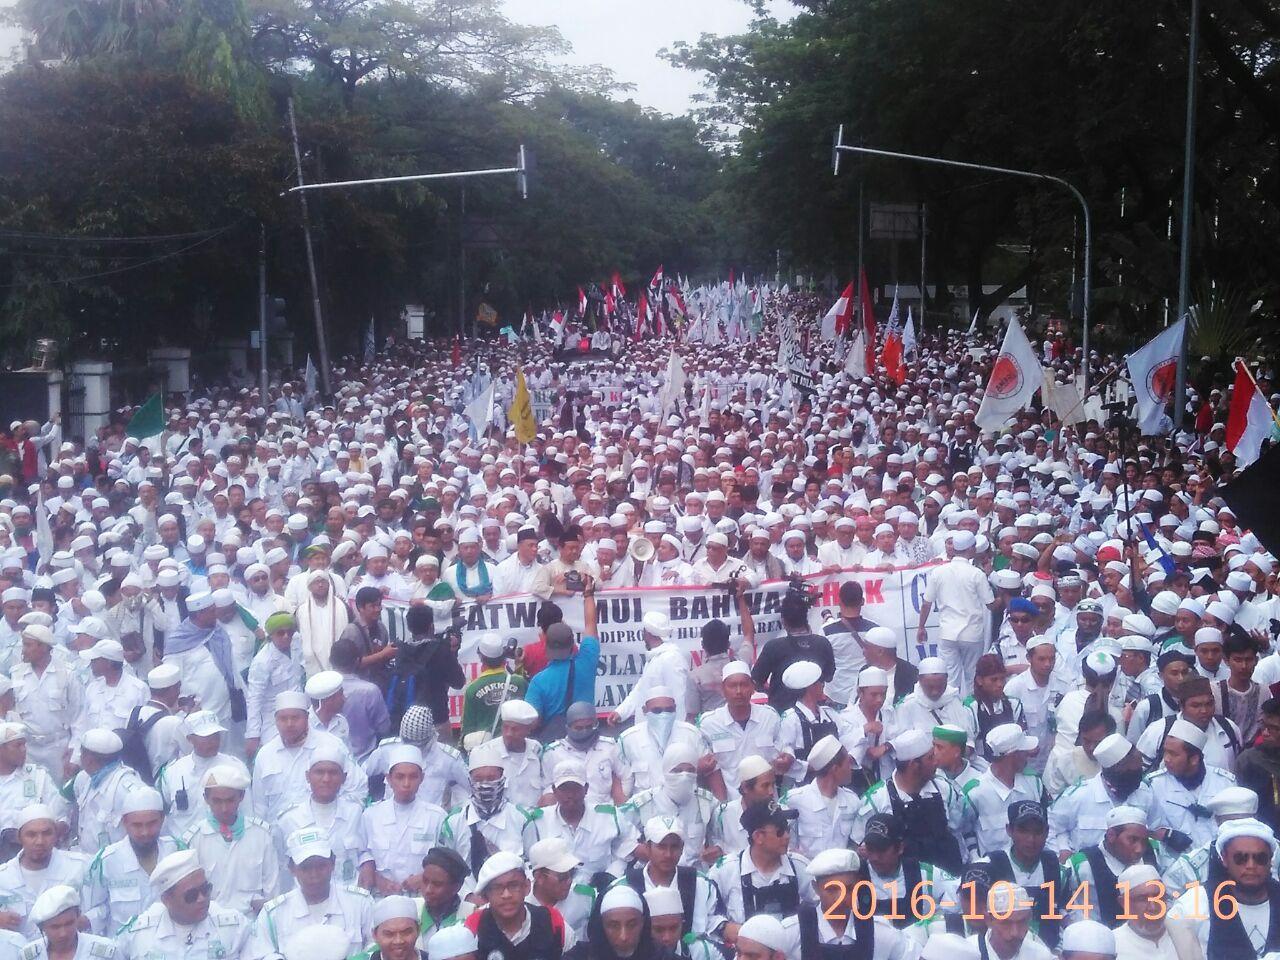 Ratusan Ribu Umat Islam Gelar Aksi Bela Islam Ganyang Ahok